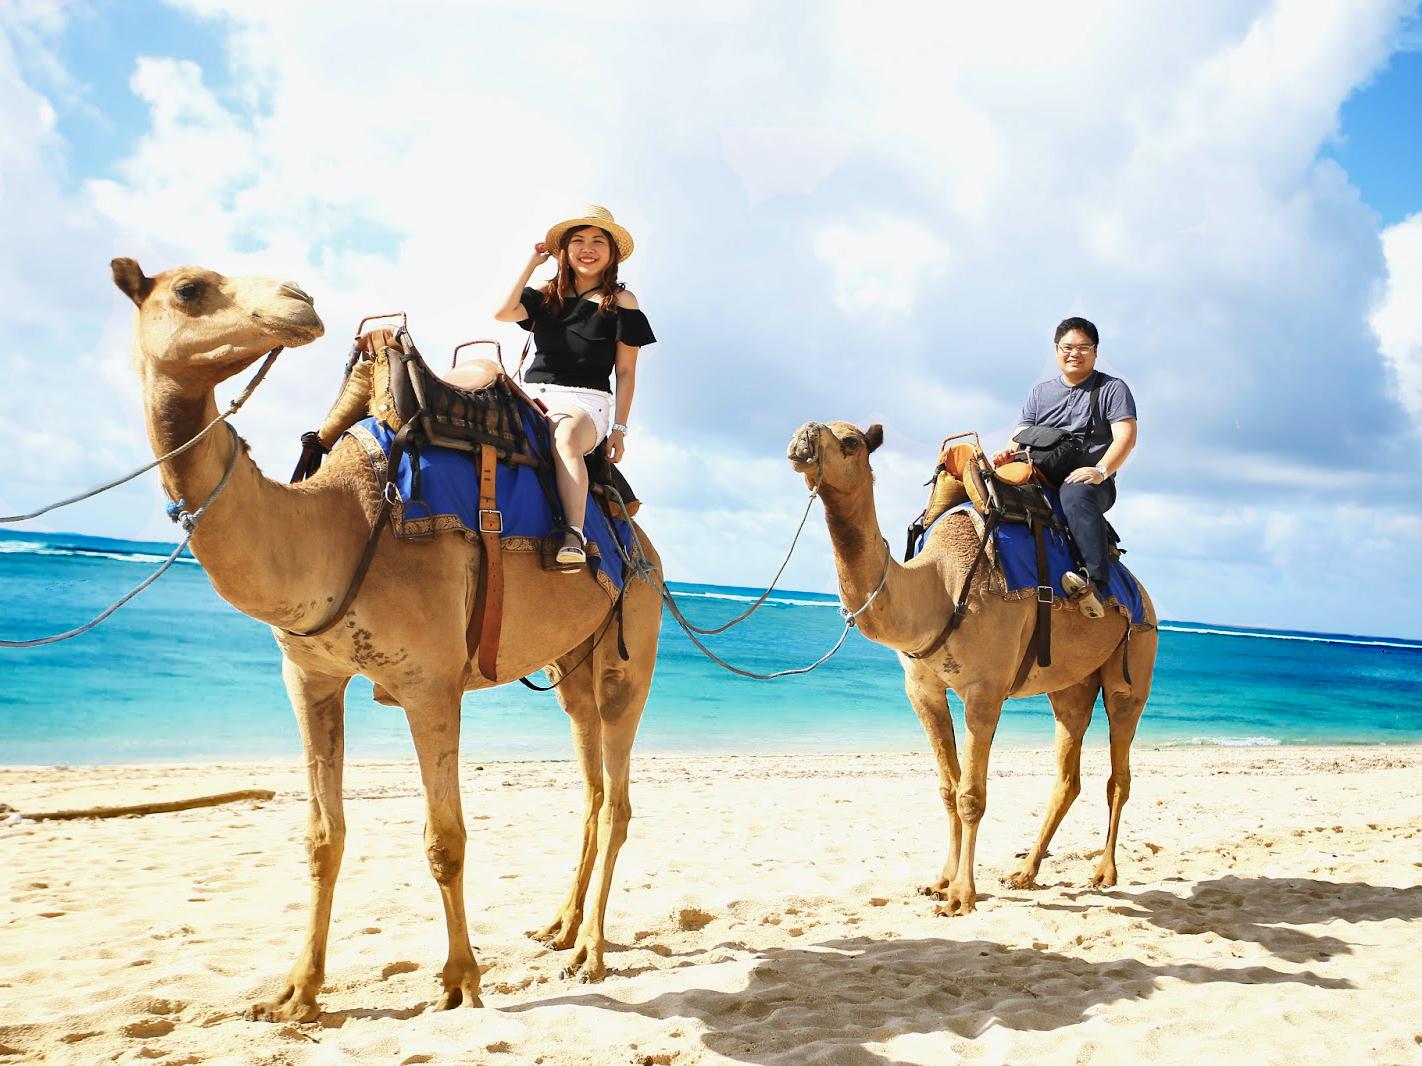 Hasil gambar untuk Bali Camel Driving